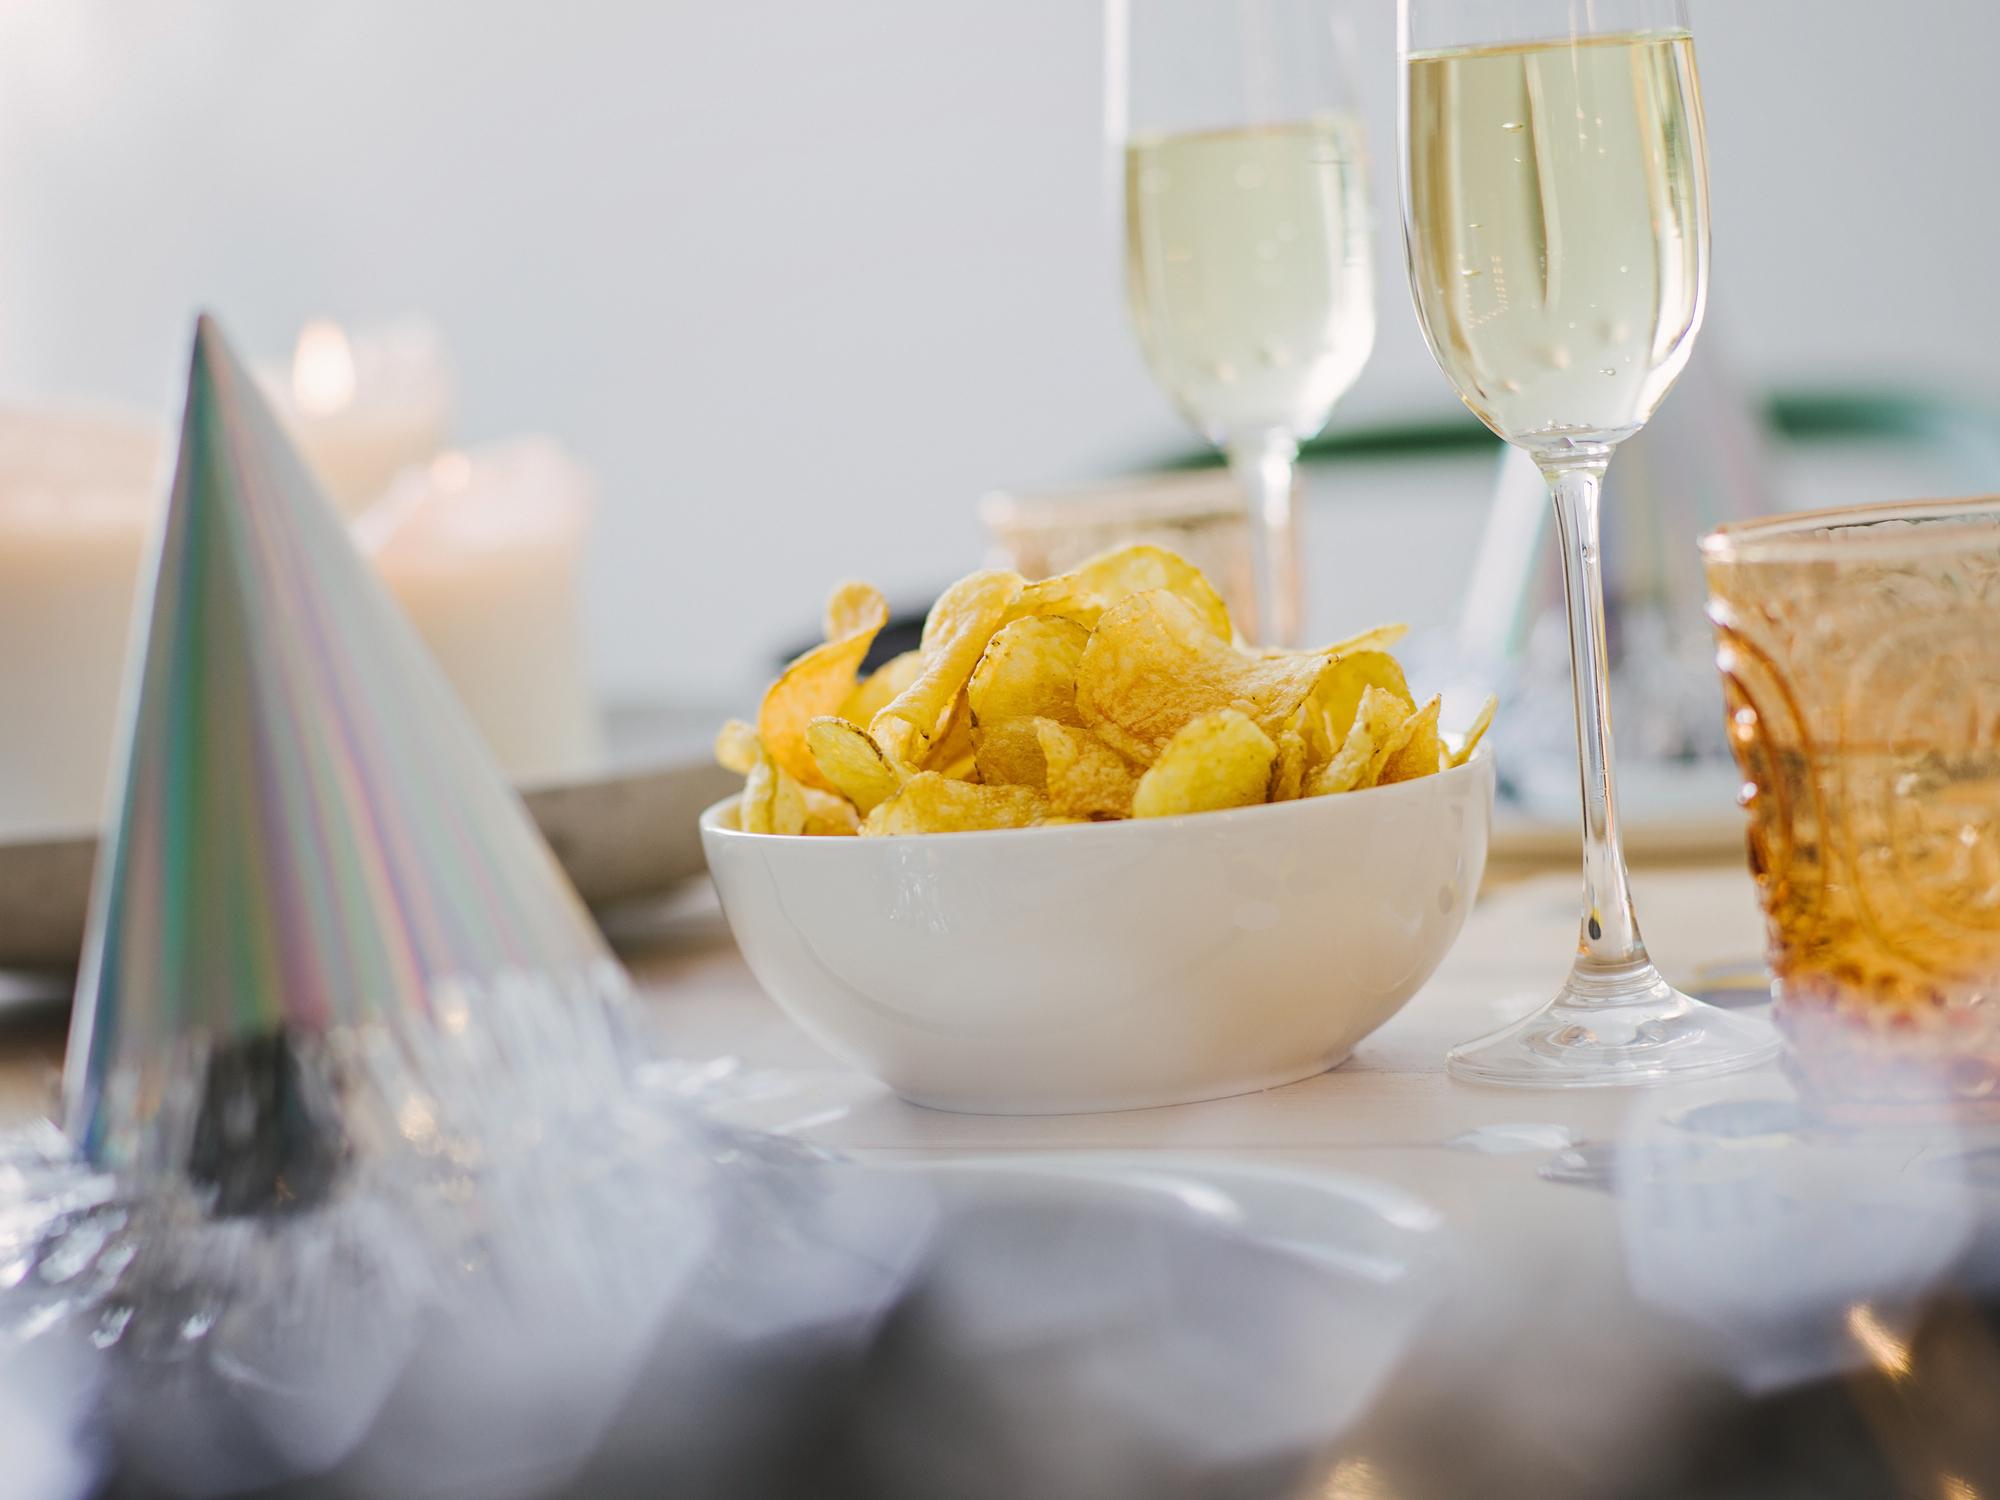 potato-chips-champagne mr.jpg